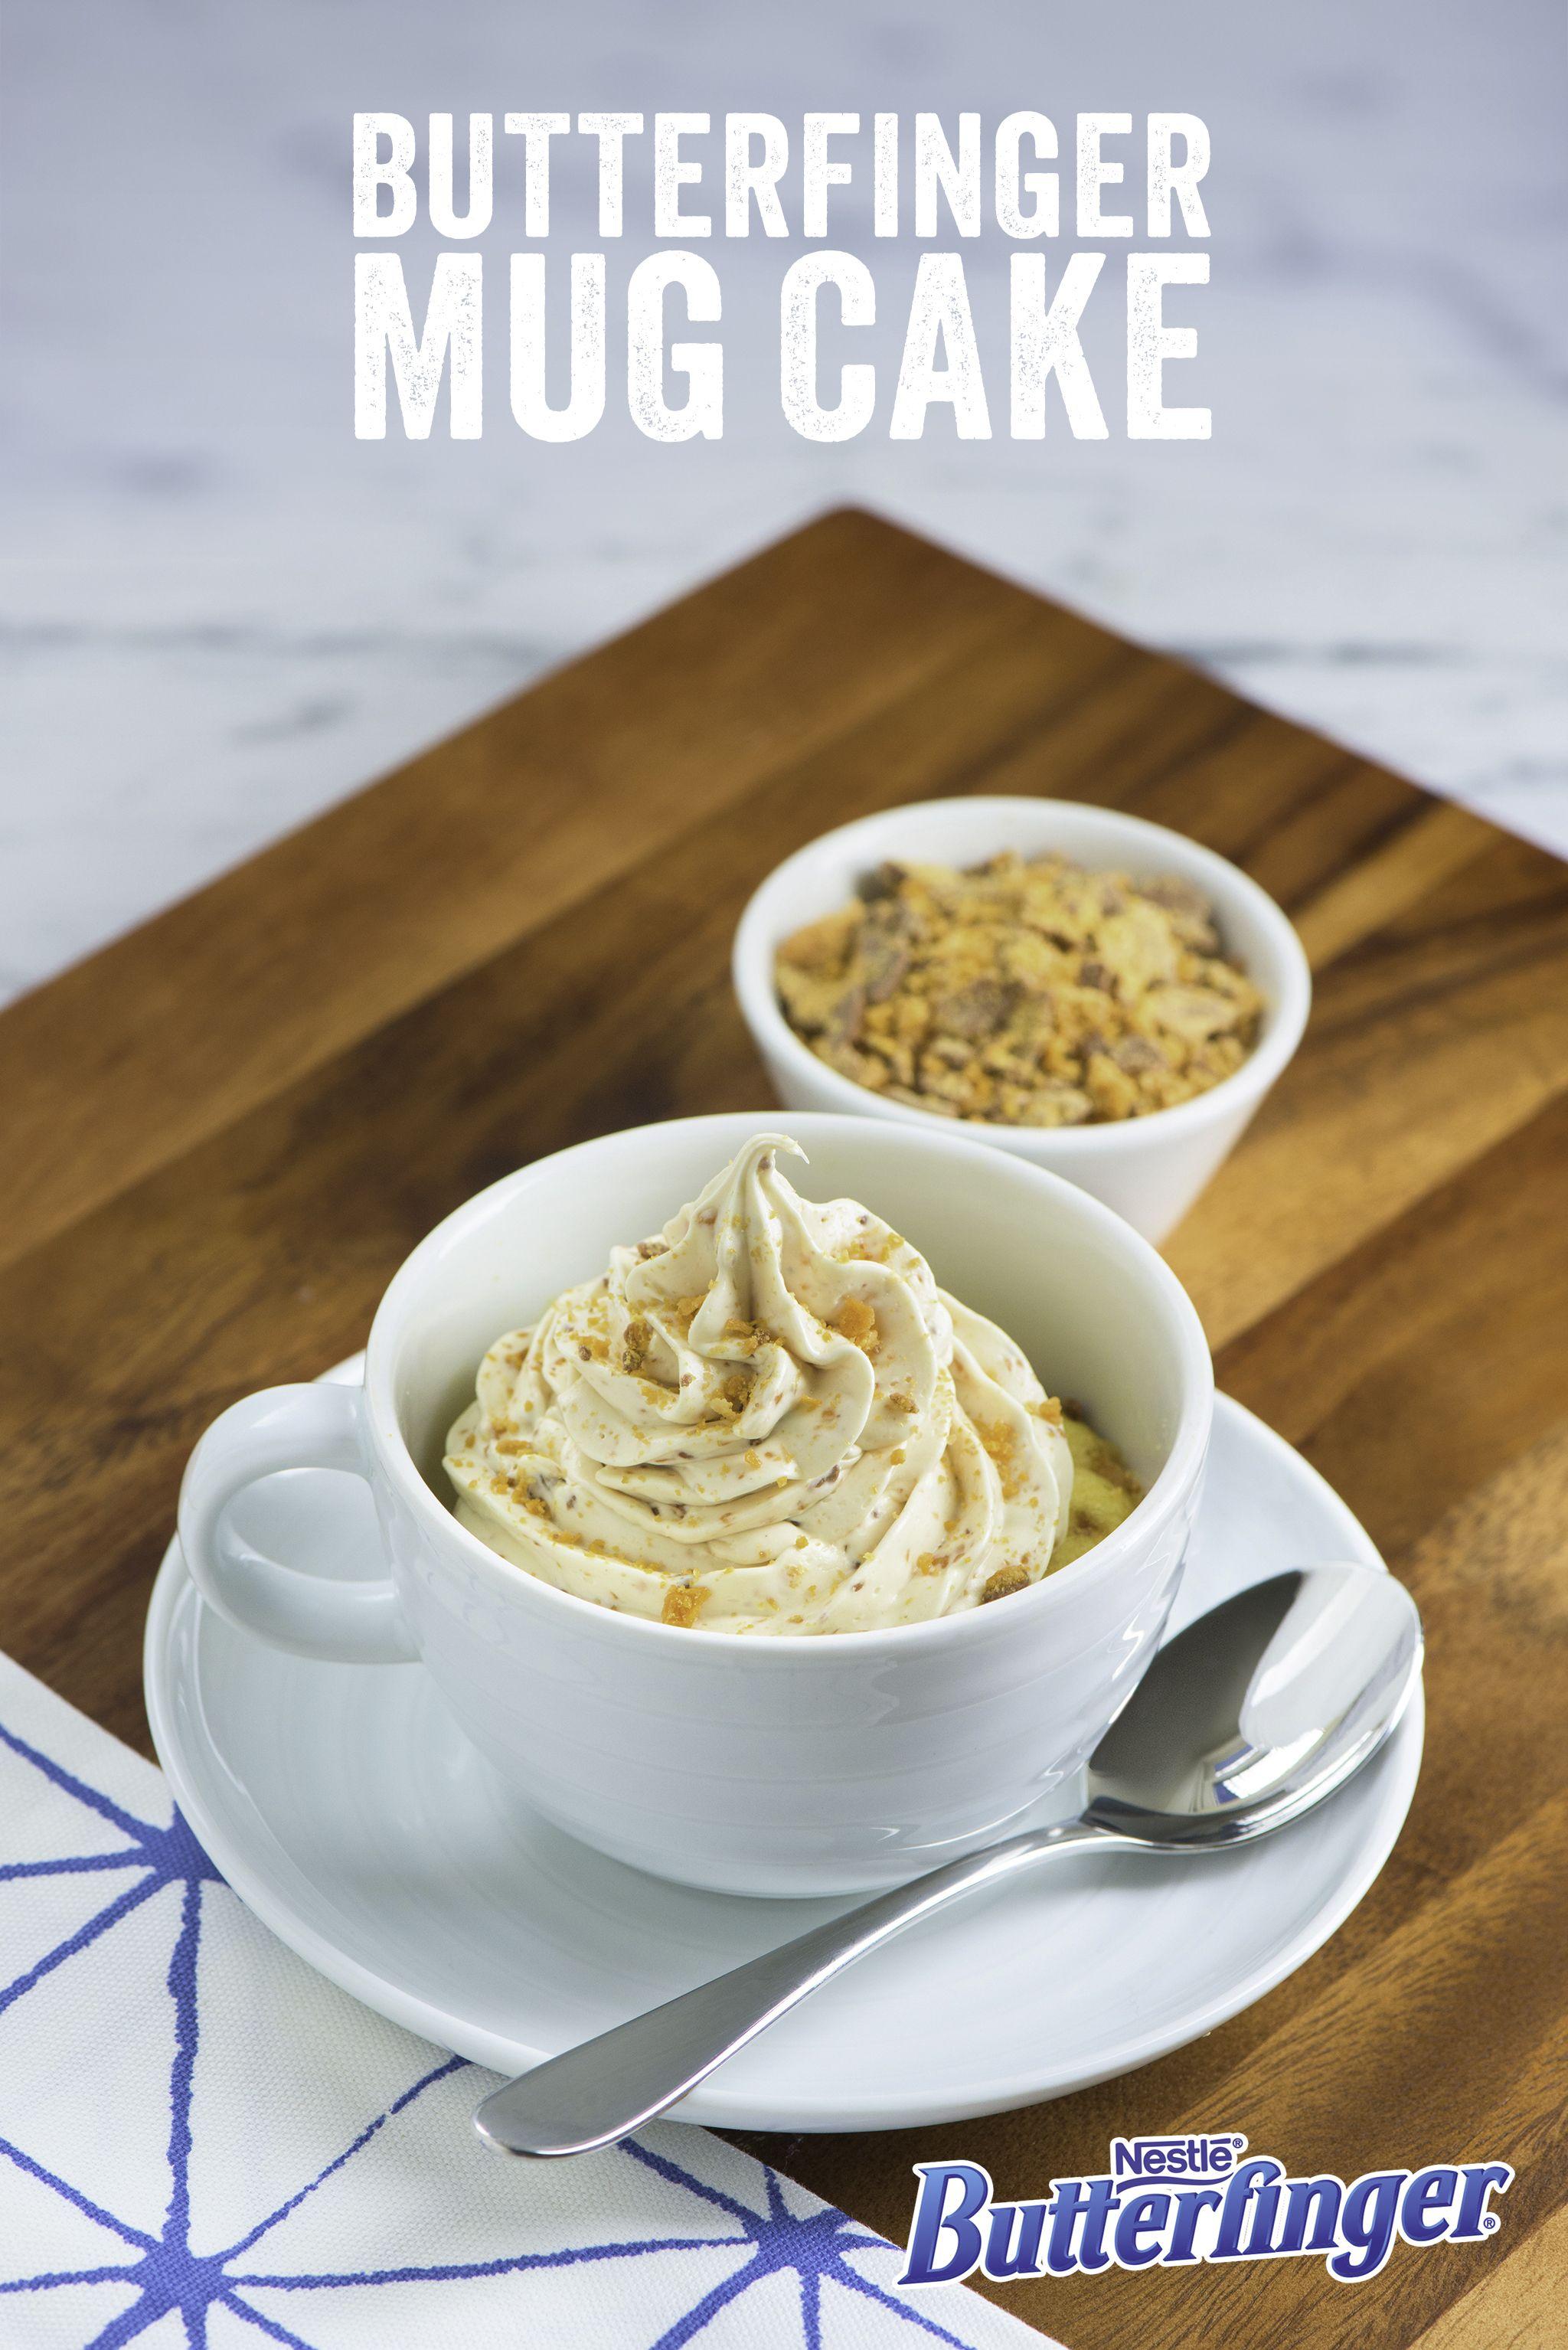 Mug cake recipes cake mix